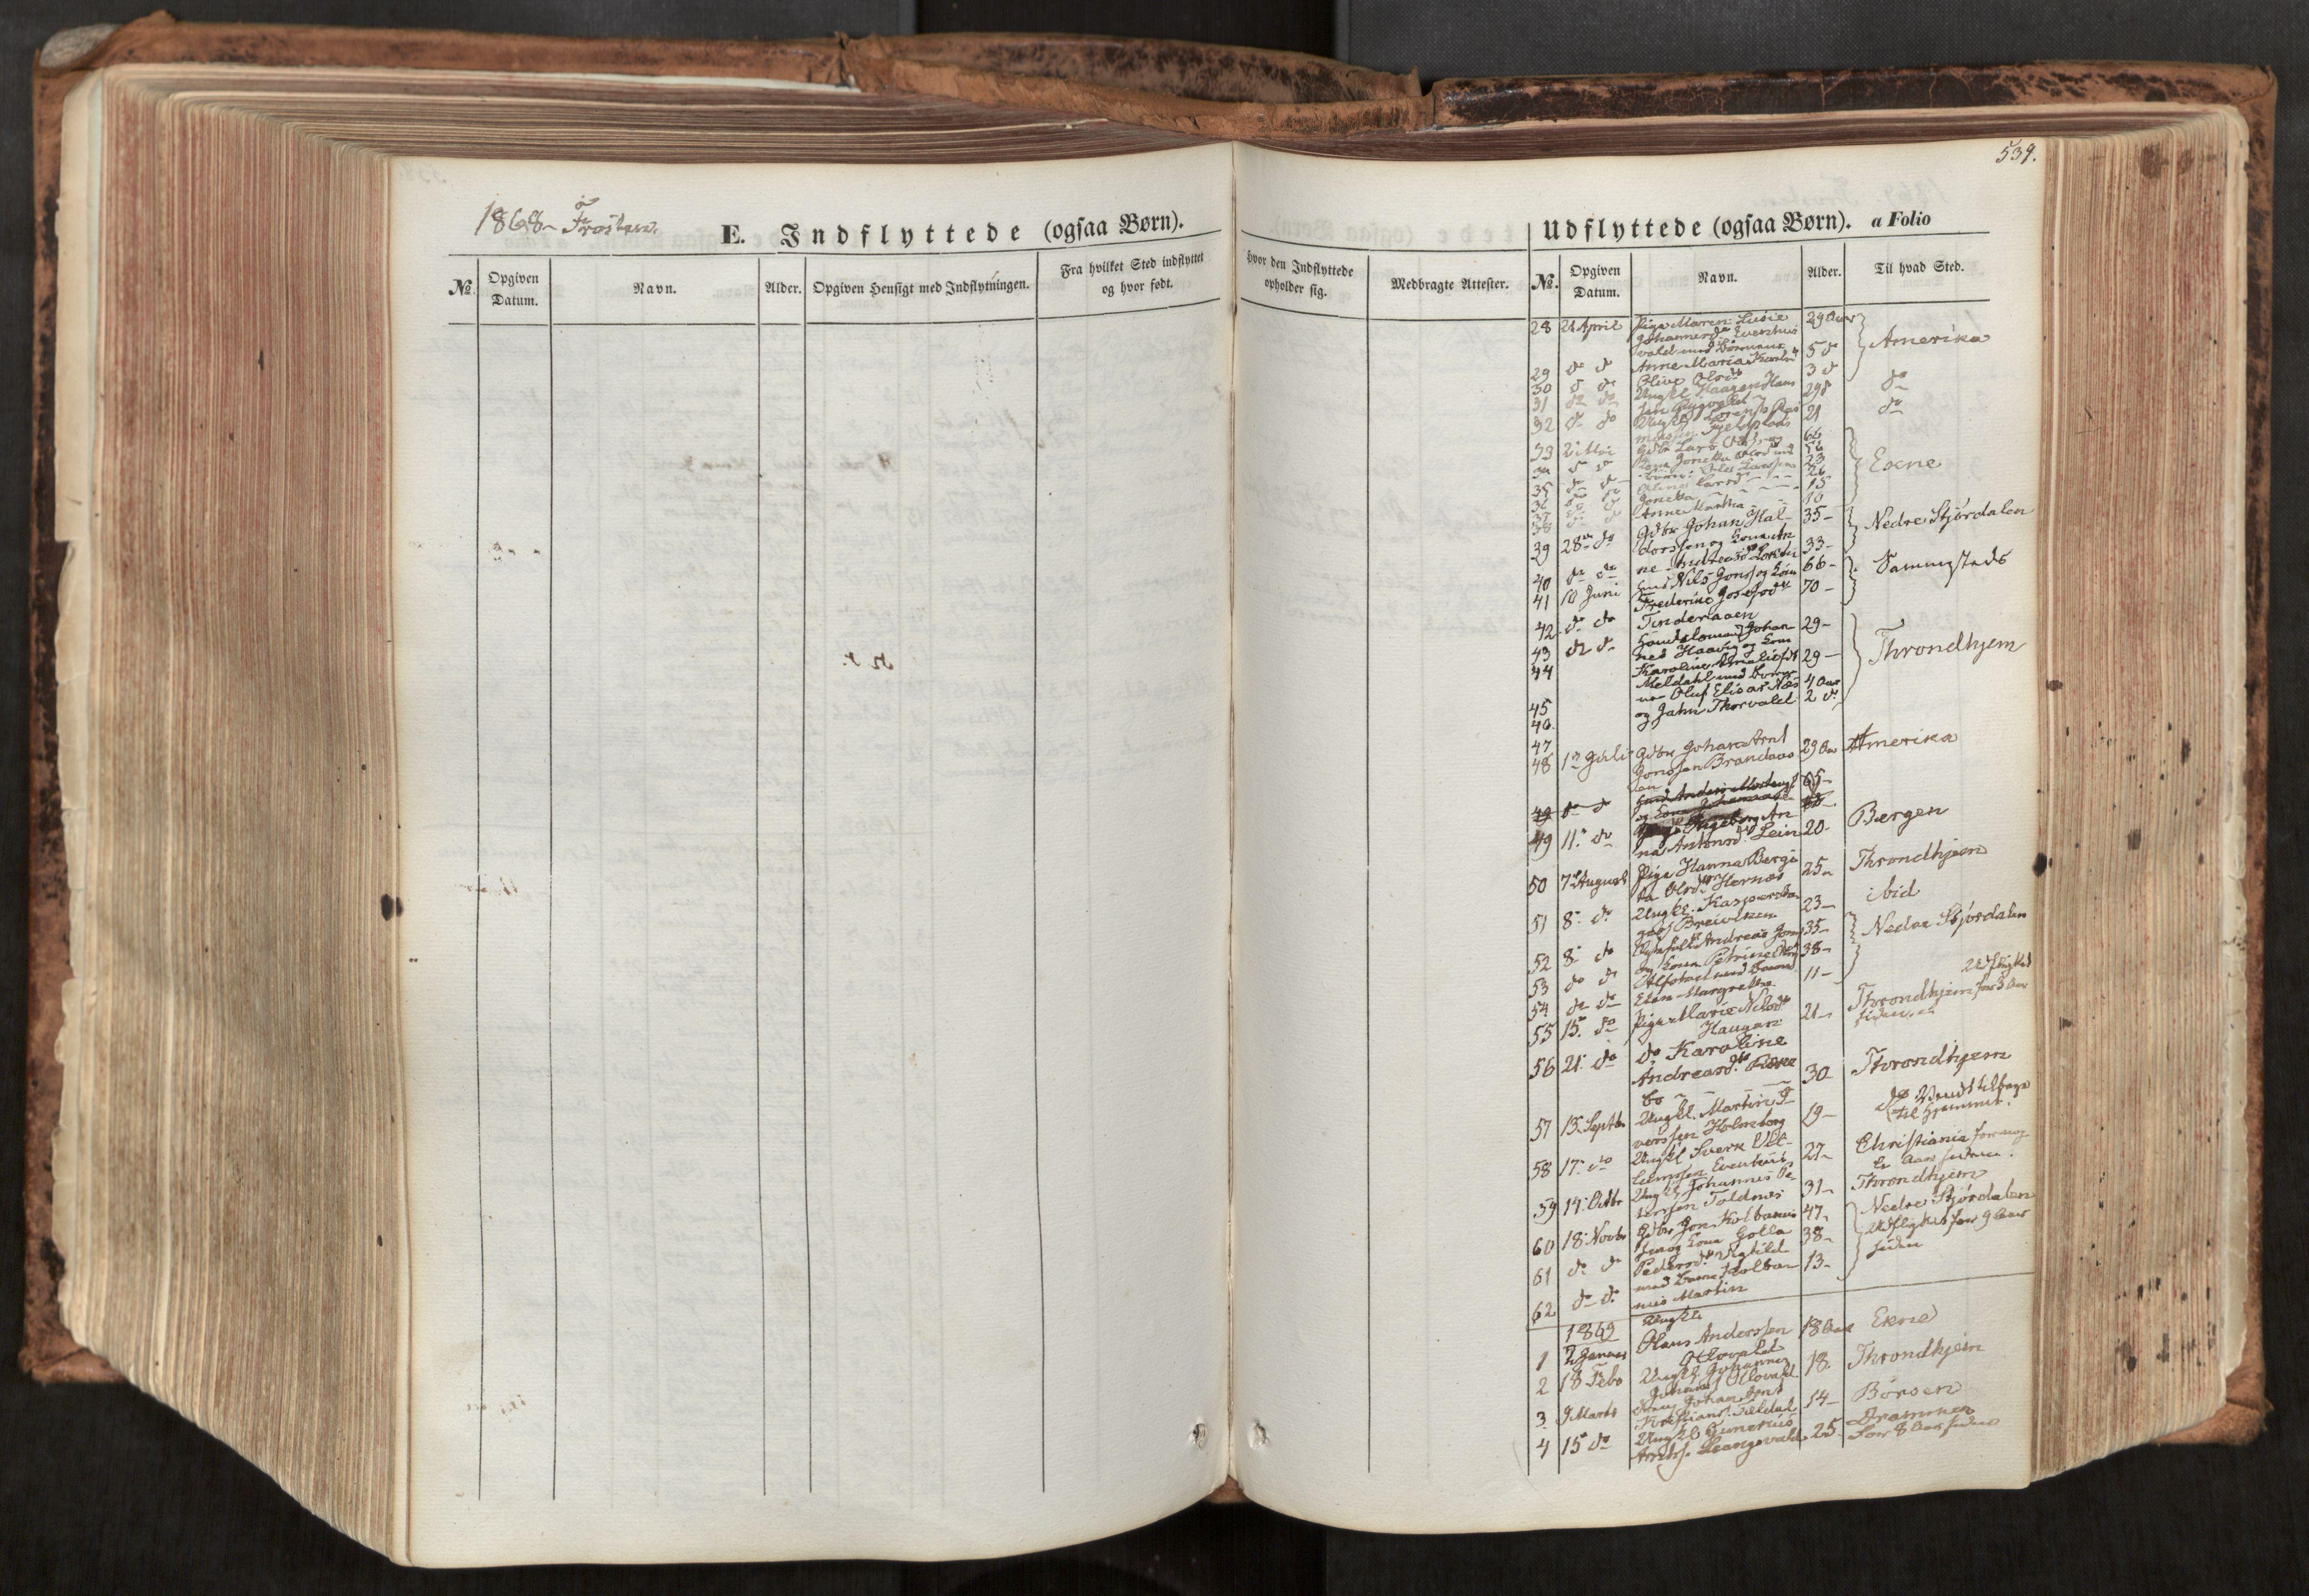 SAT, Ministerialprotokoller, klokkerbøker og fødselsregistre - Nord-Trøndelag, 713/L0116: Ministerialbok nr. 713A07, 1850-1877, s. 539